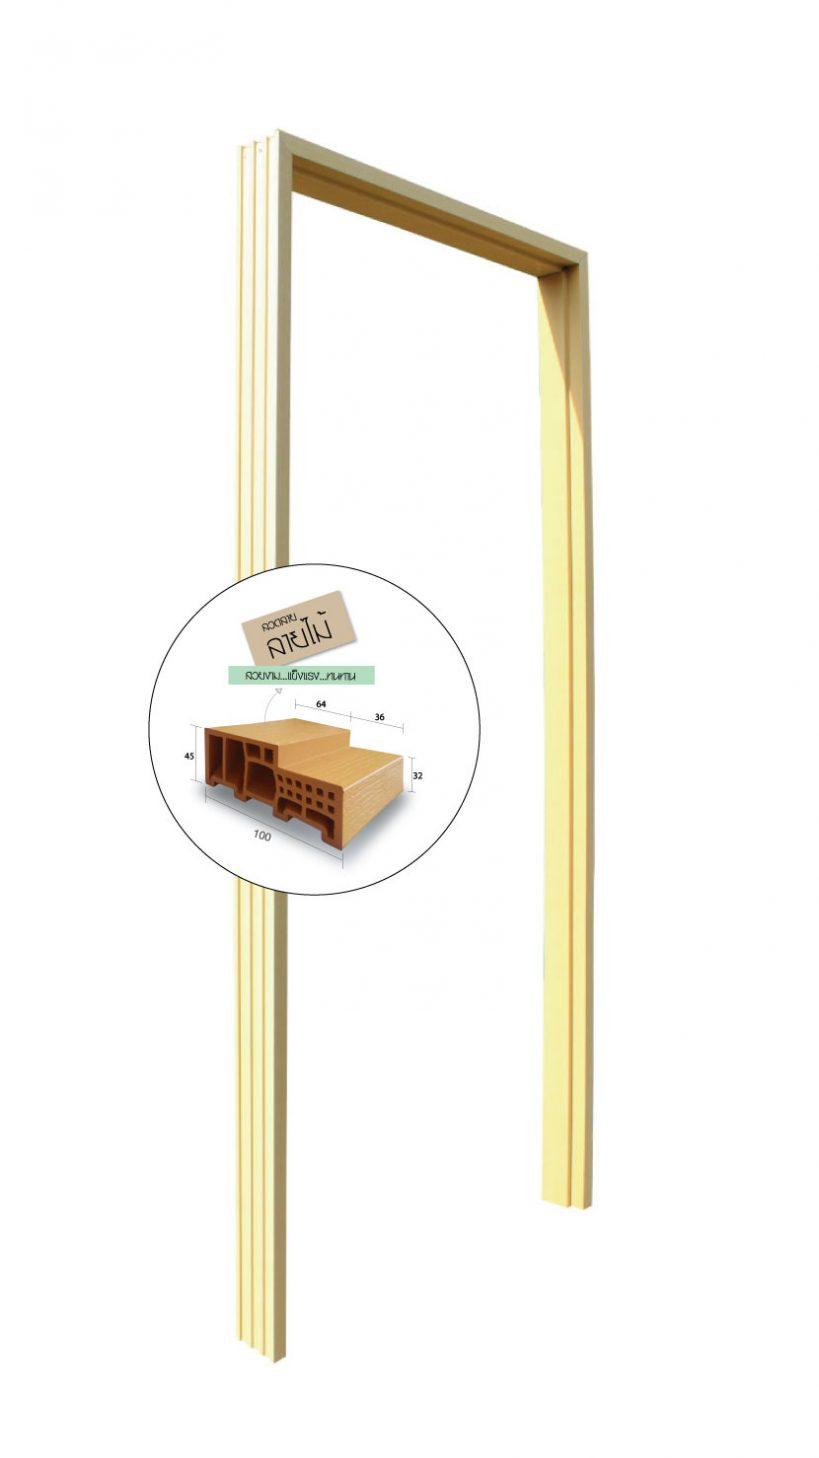 วงกบประตู รุ่น TVWG 100 (2″X4″)